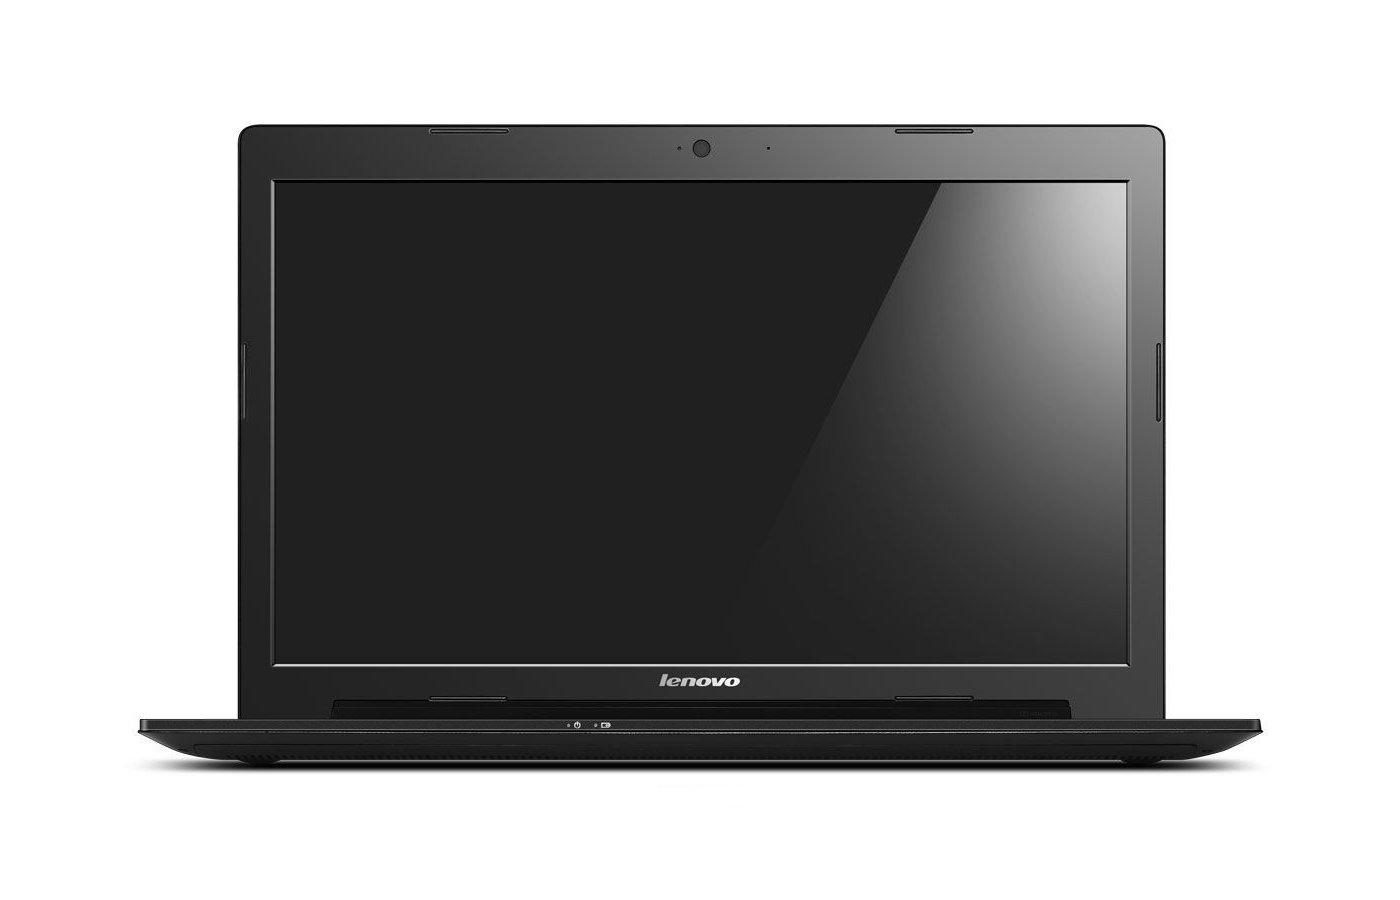 Ноутбук Lenovo G70-80 /80FF00KQRK/